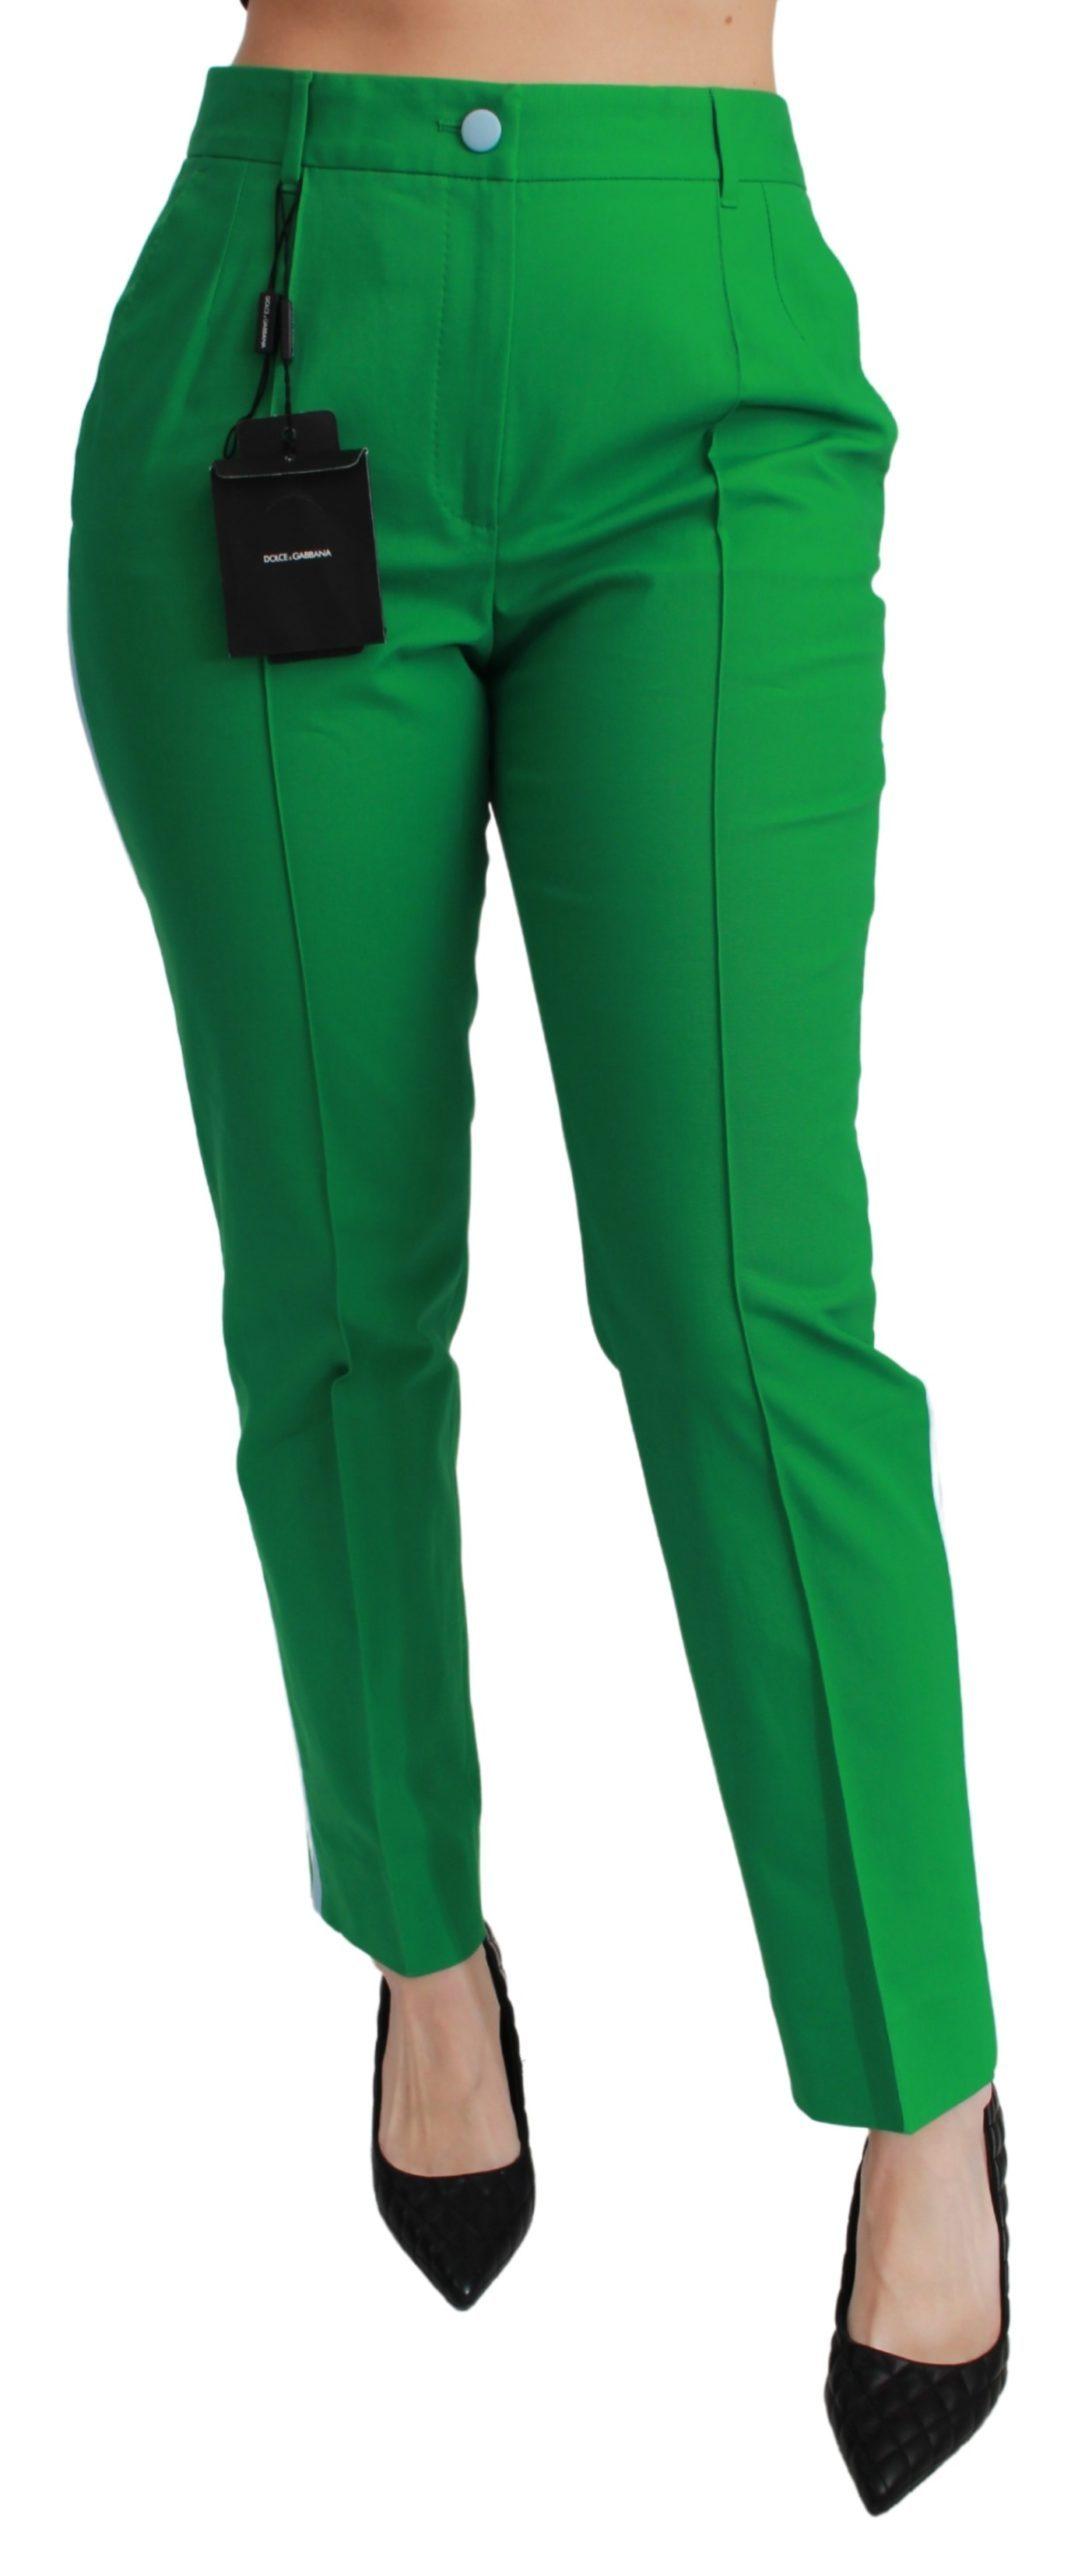 Dolce & Gabbana Women's Cotton Stretch Trouser Green PAN71057 - IT38   S